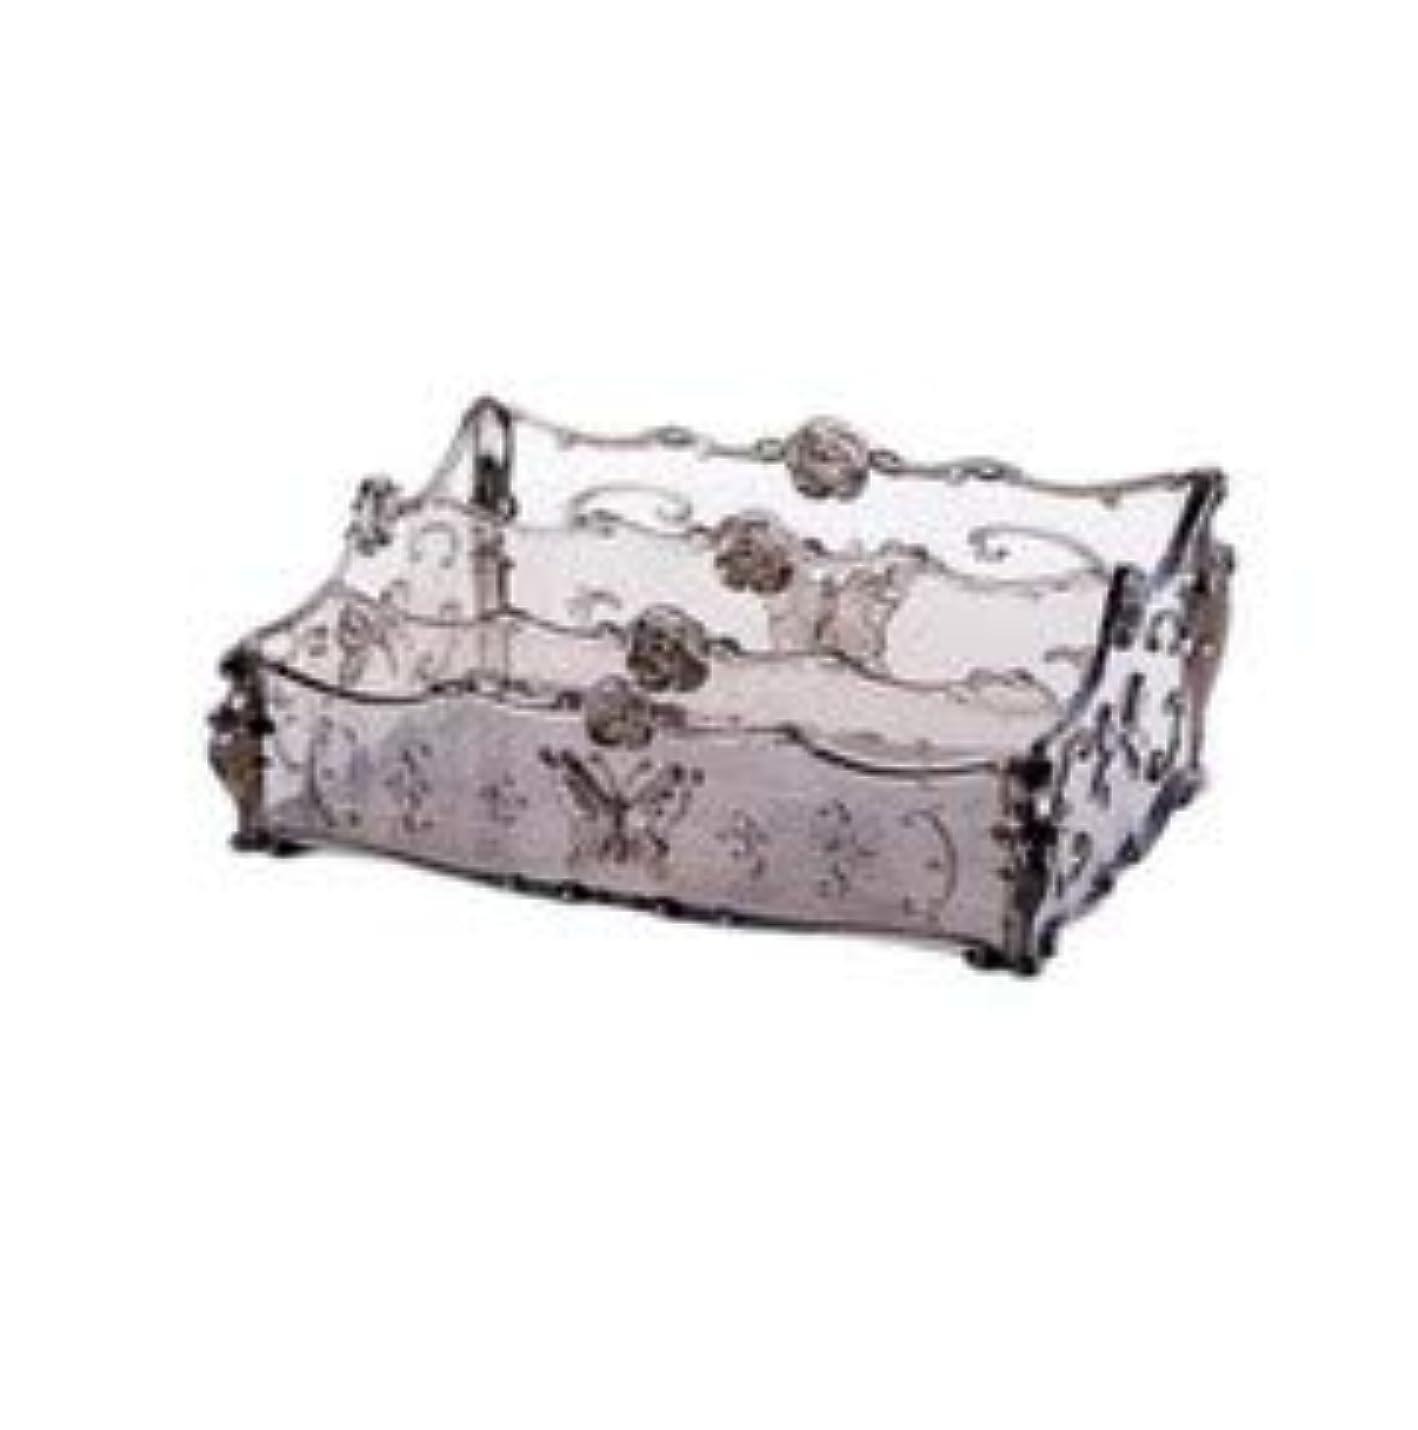 警告測定可能意図するフラワー彫刻デスクトップ化粧品収納ボックス化粧台透明ラック家庭用プラスチックマルチカラースキンケア製品仕上げボックス (Color : Transparent gray)